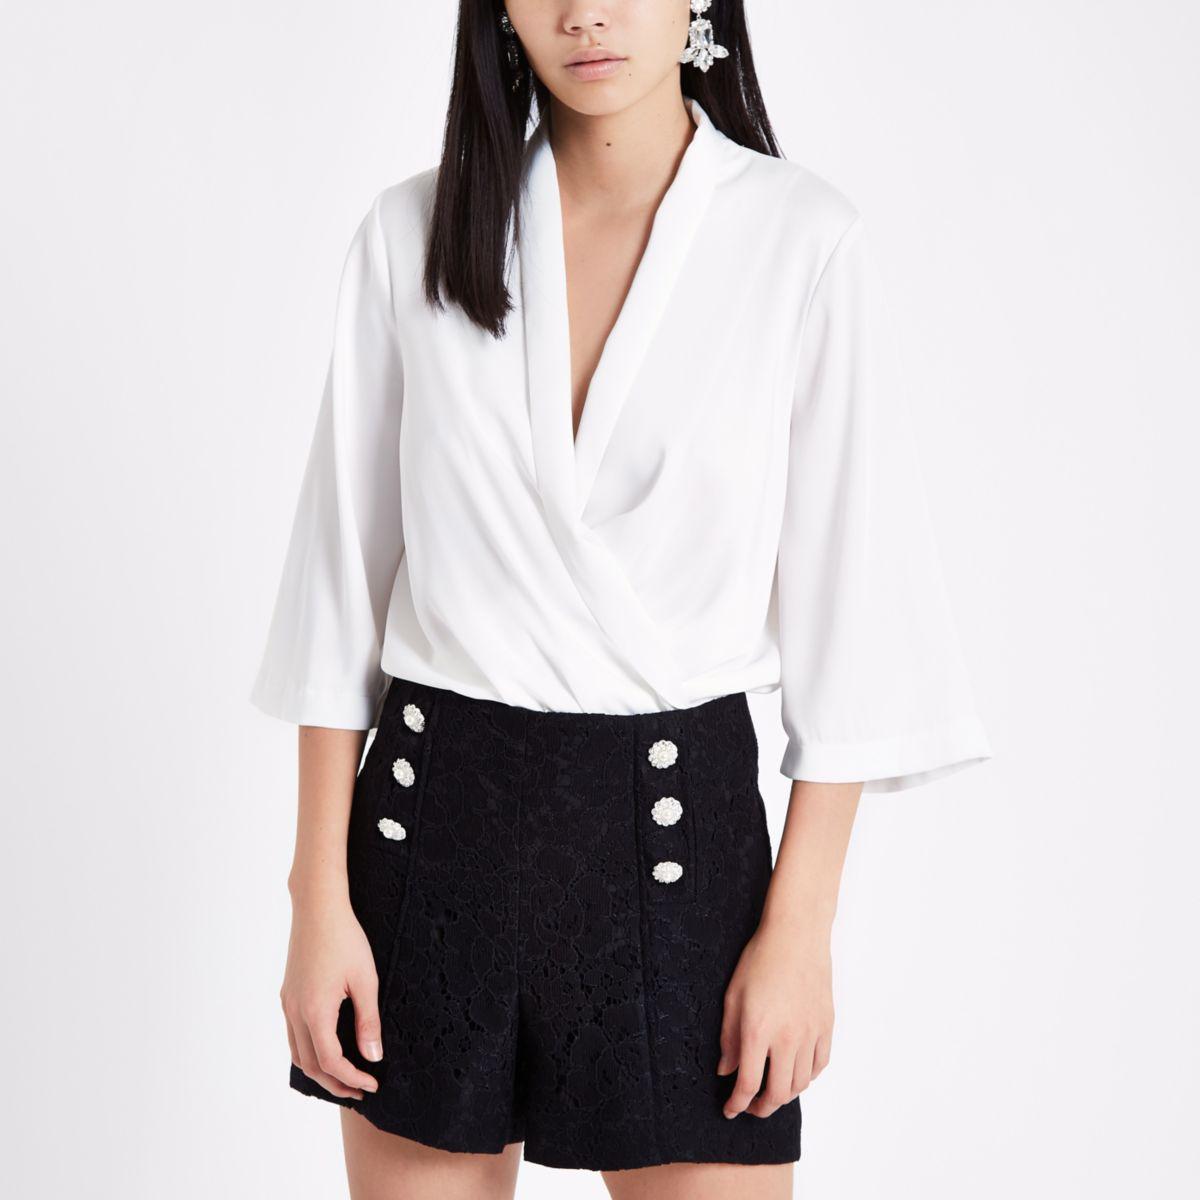 Black lace button detail shorts